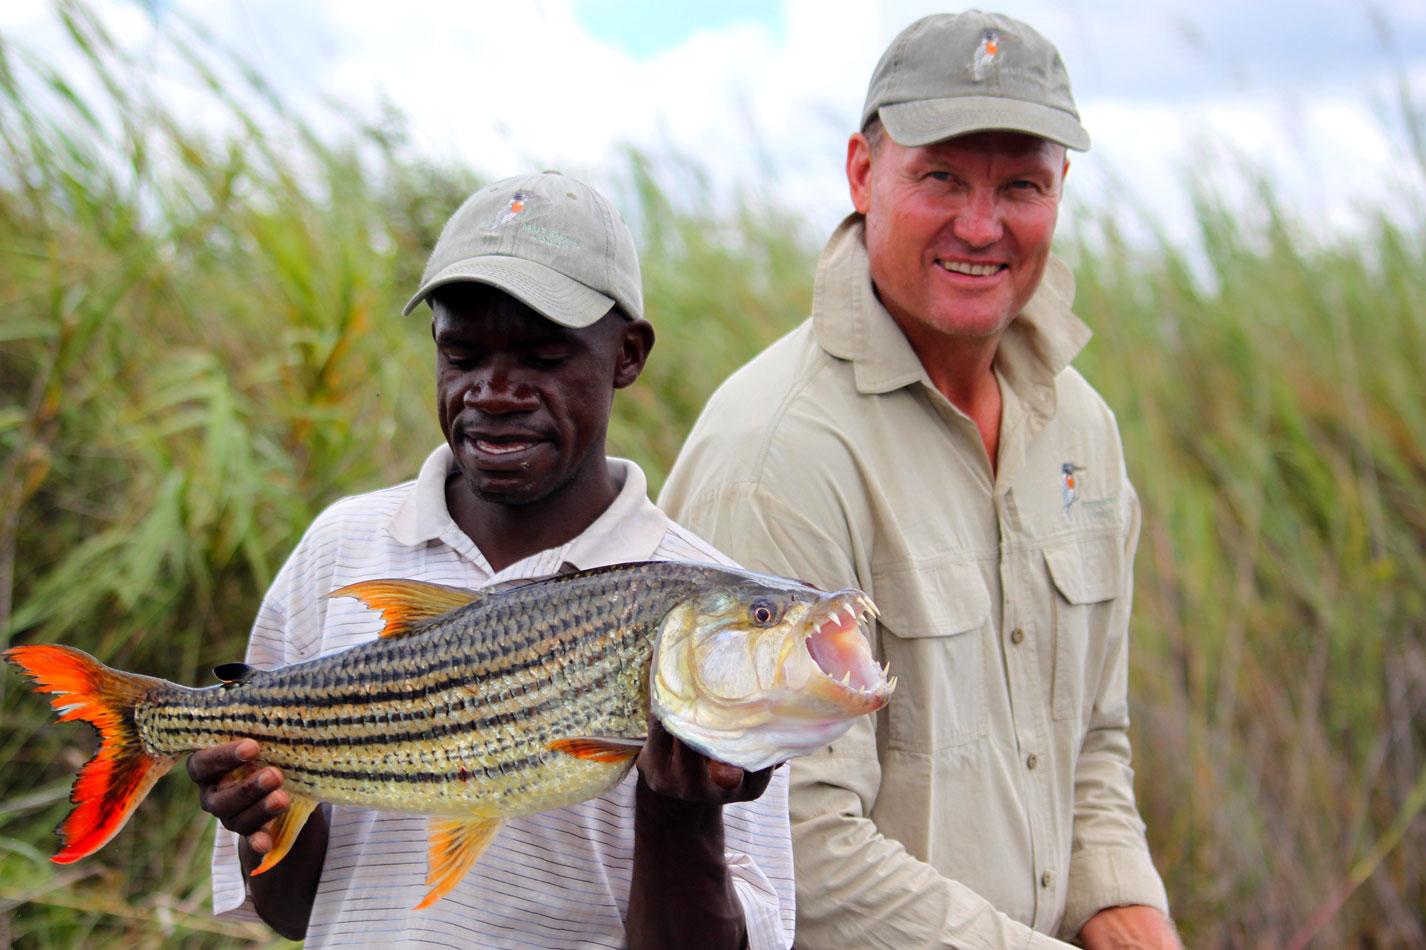 gavin-johnson-tiger-fish-kwando